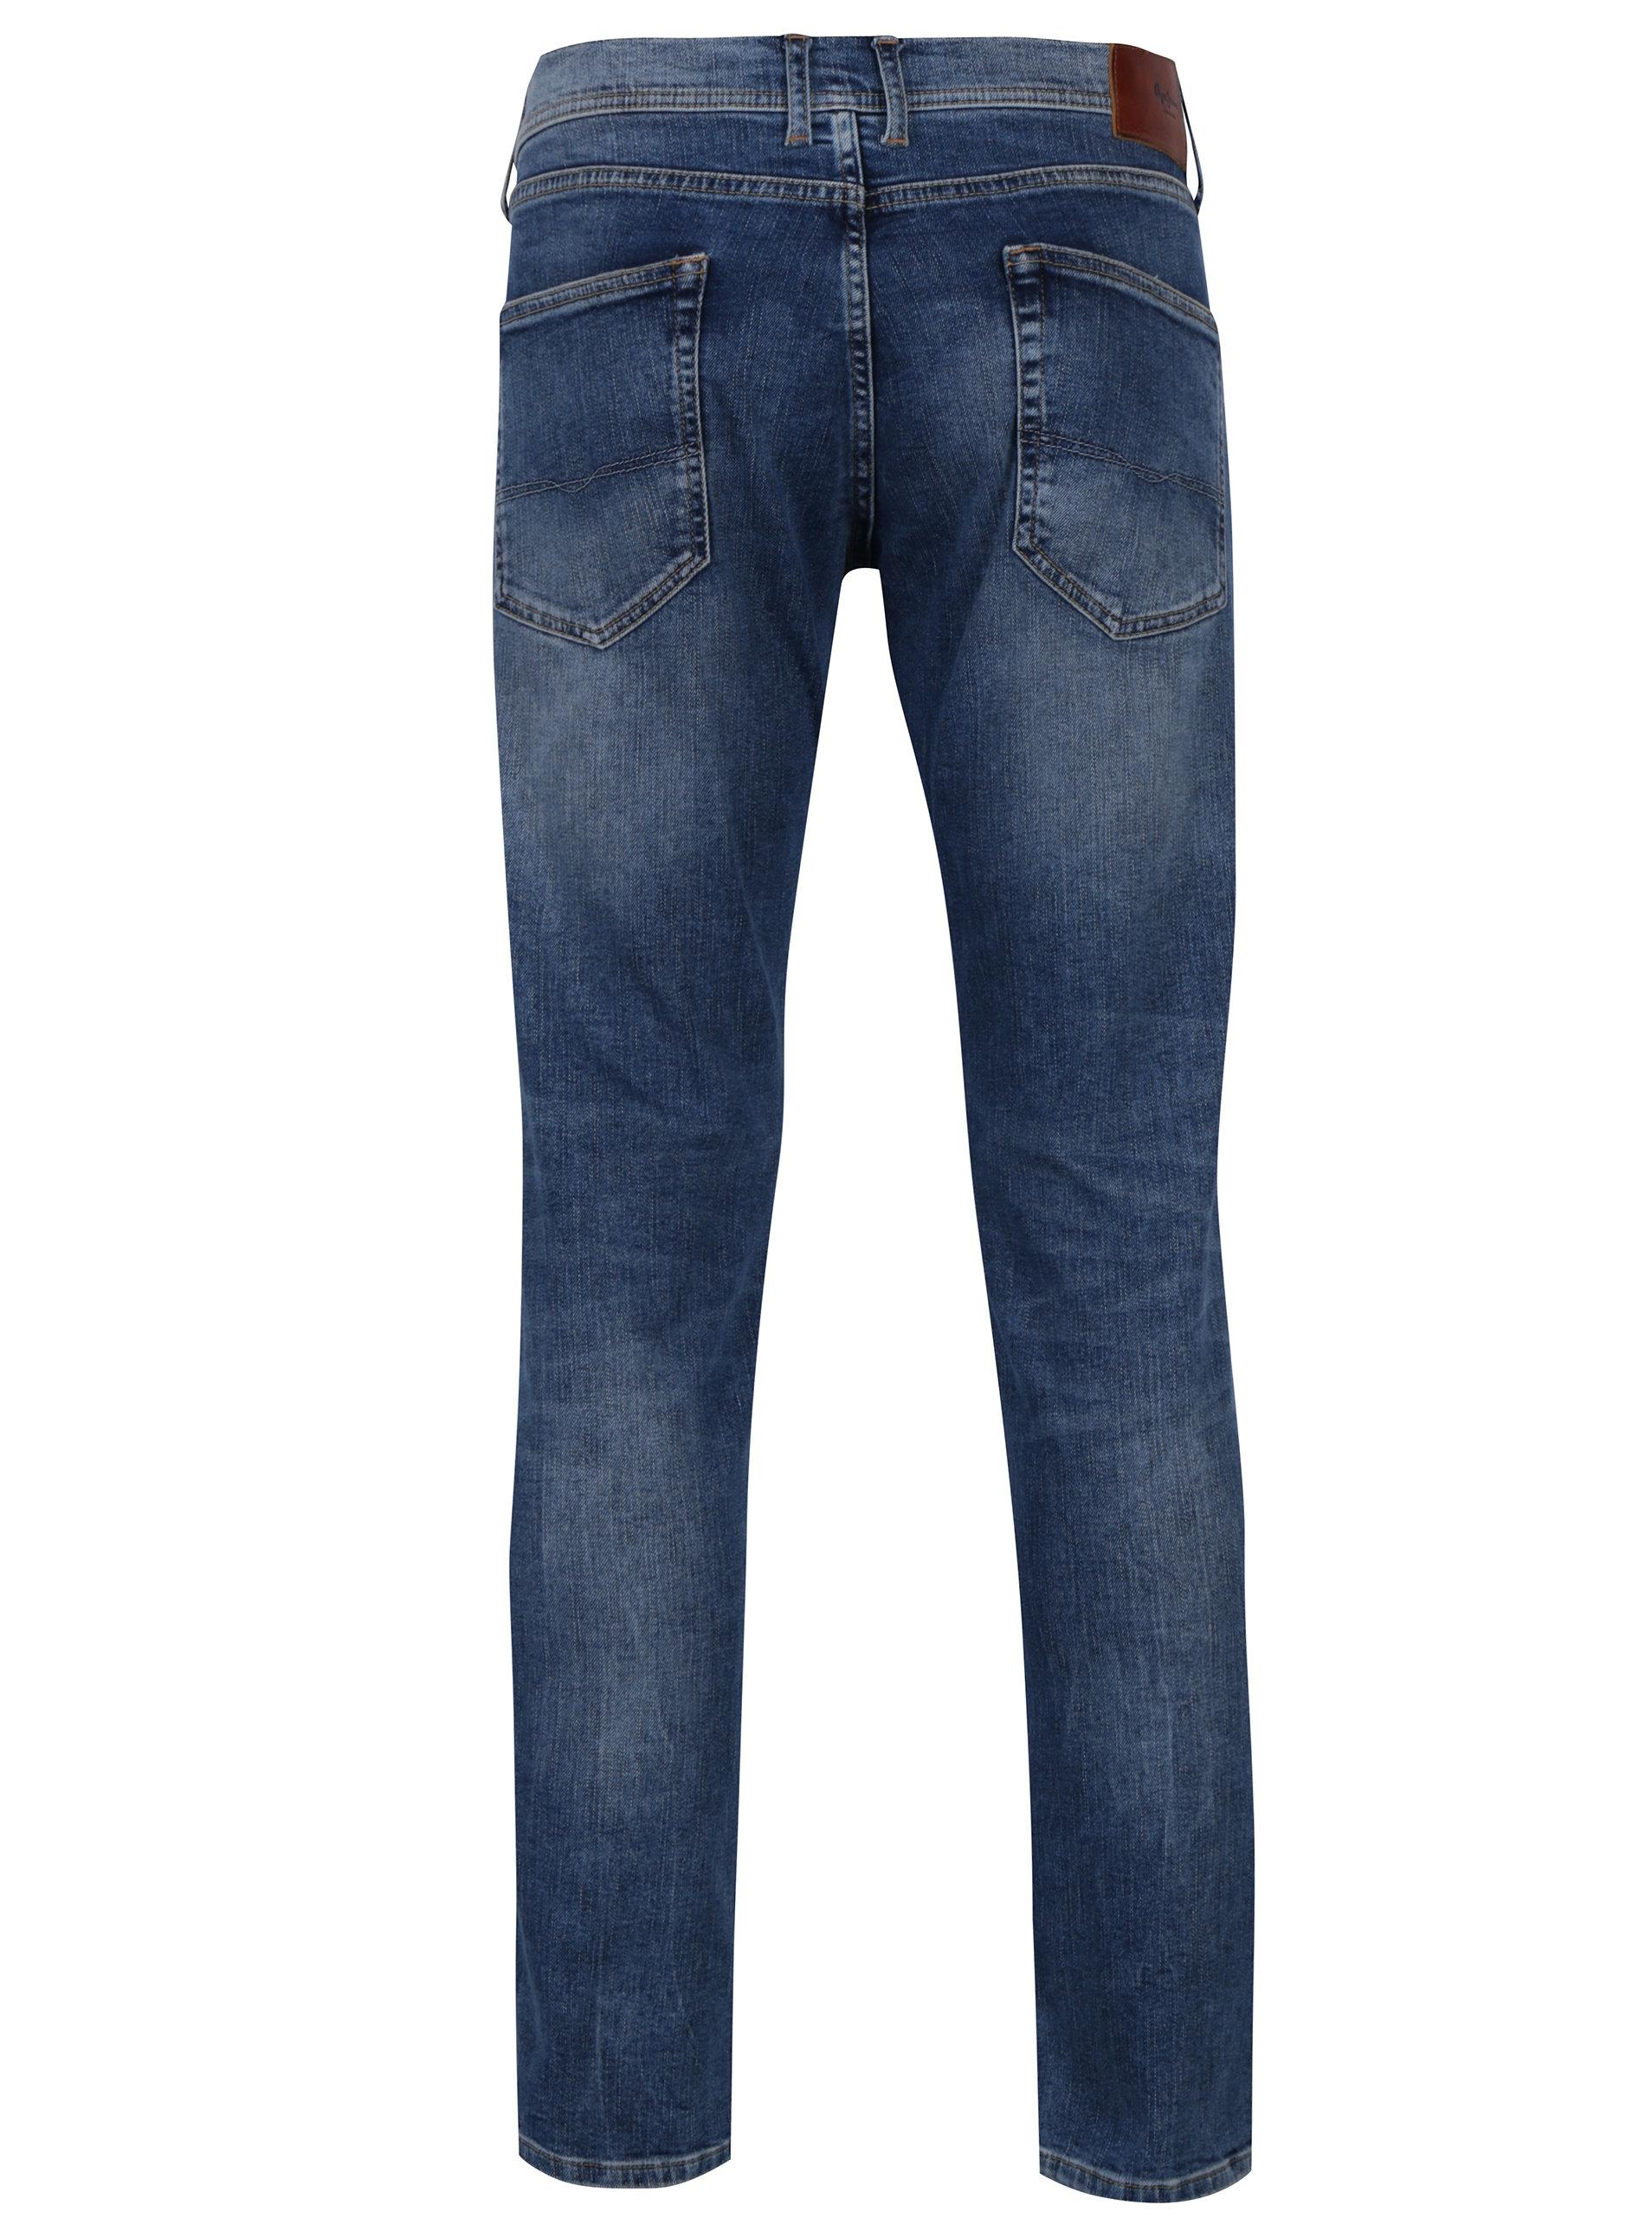 301642080c9 Světle modré pánské straight džíny Pepe Jeans Cane ...